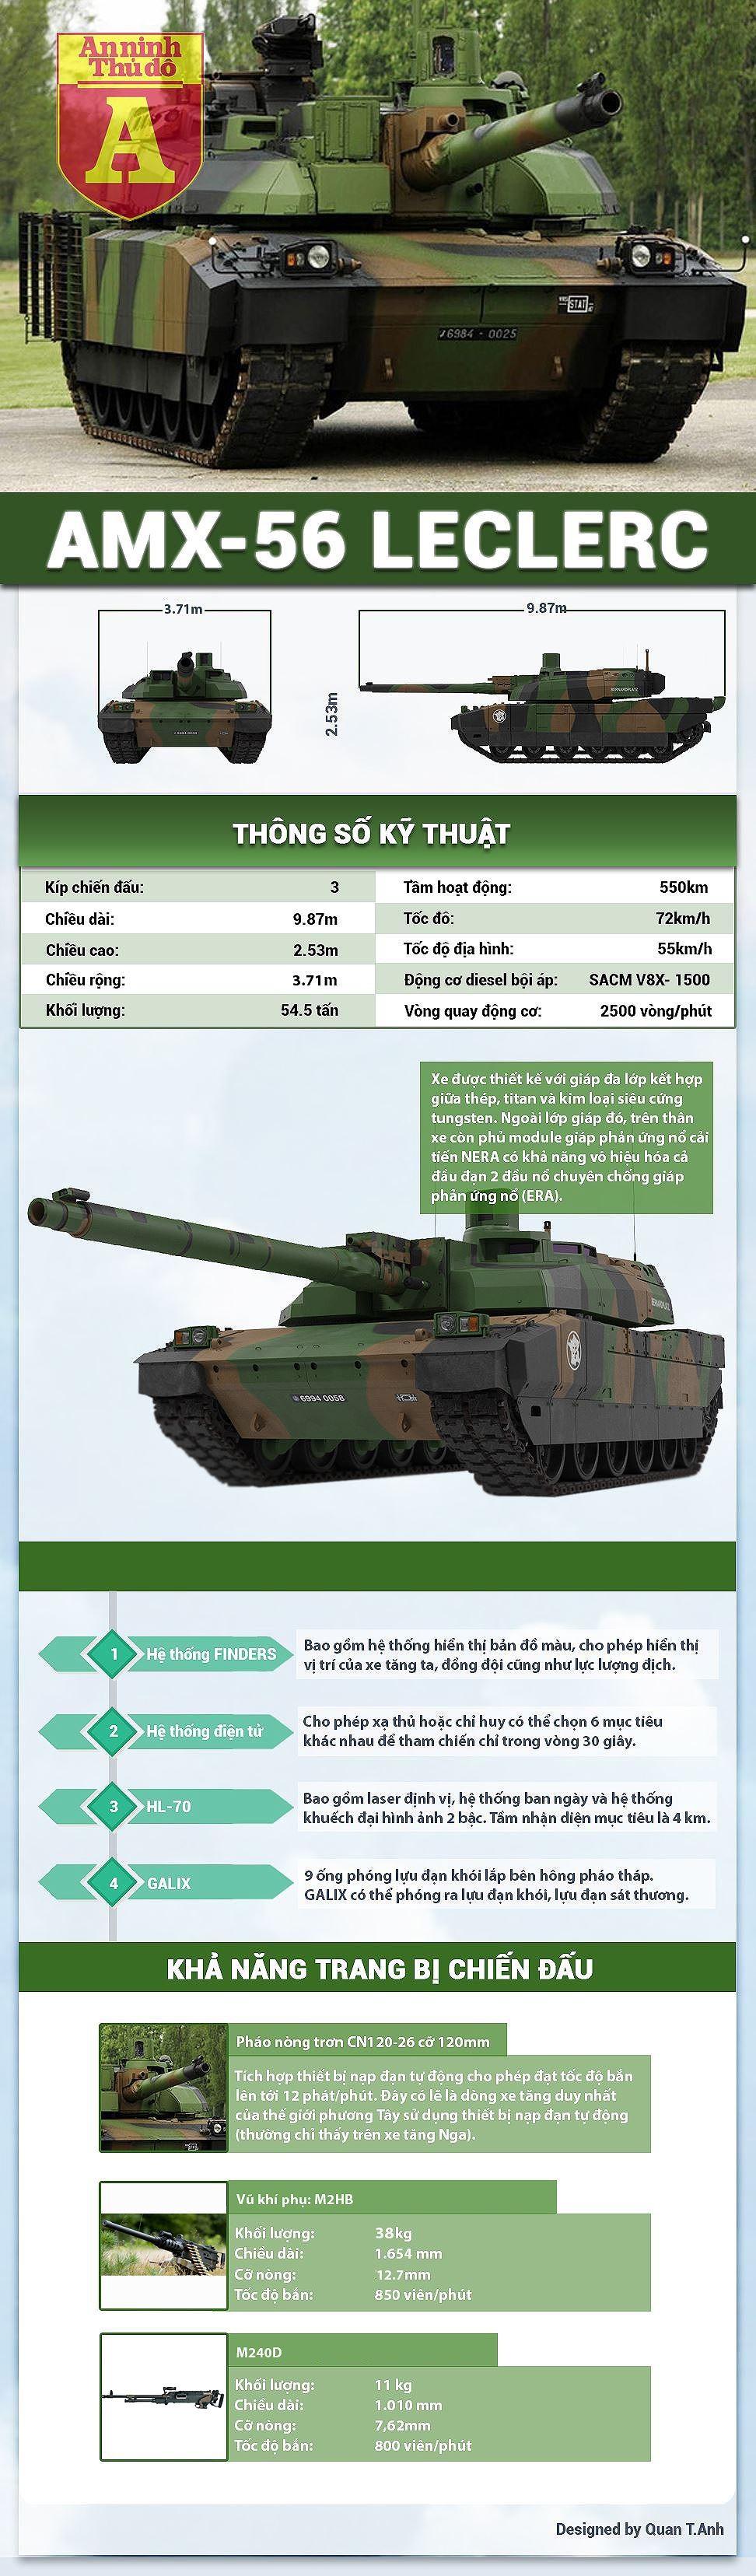 [Infographic] AMX-56 Leclerc: Xe tăng chủ lực đắt nhất thế giới lộ yếu điểm chết người ảnh 1